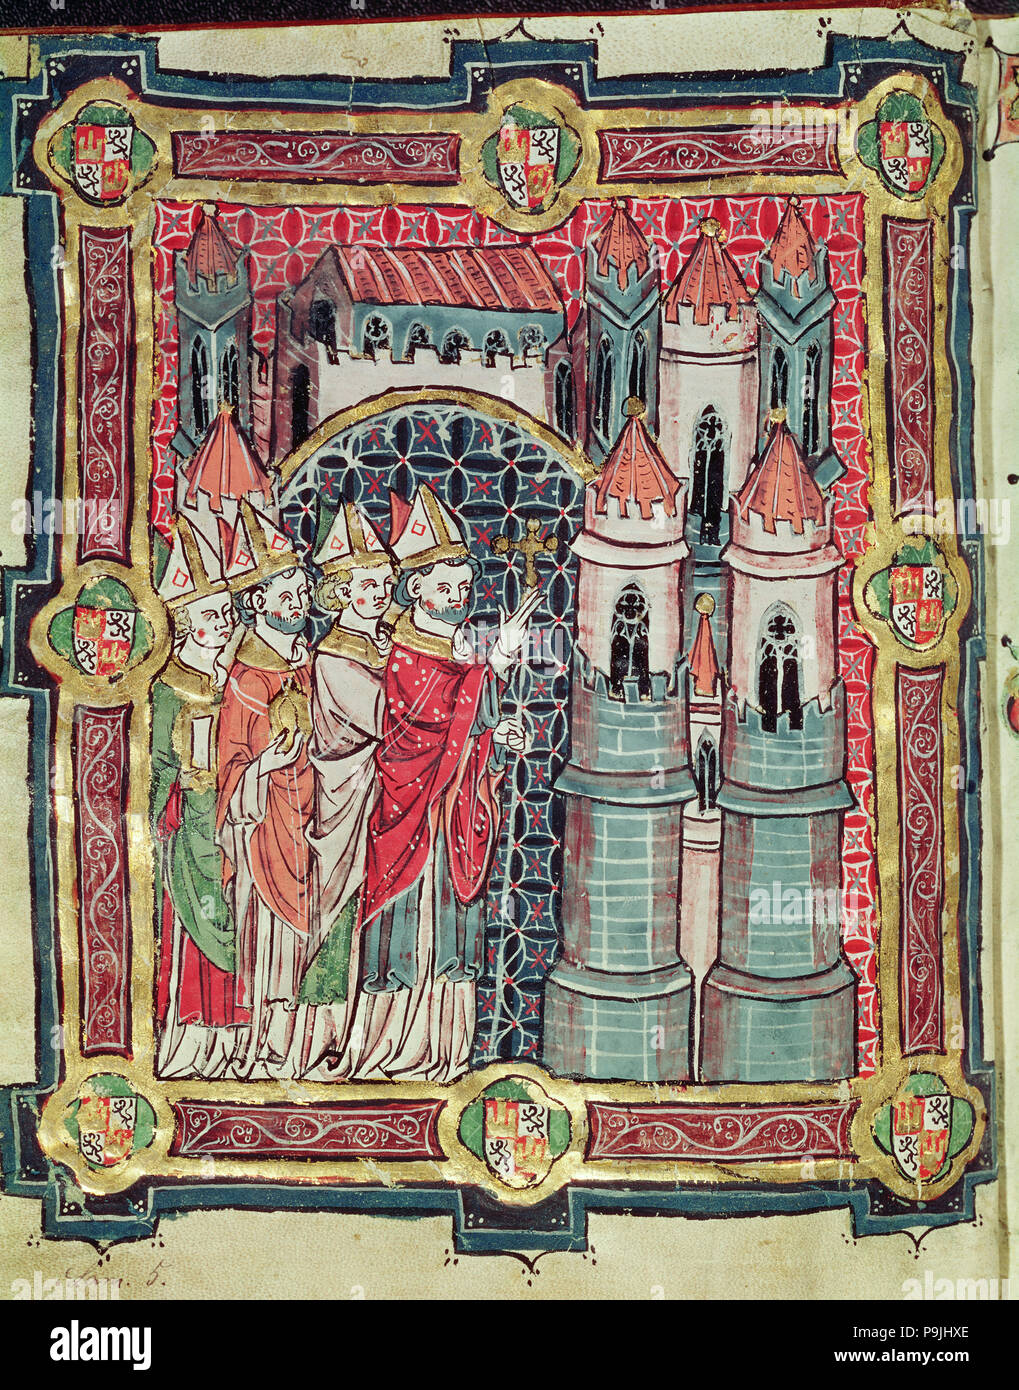 Bénédiction de l'évêque d'un diocèse, miniature dans le 'Livre de testaments' 13ème siècle. Banque D'Images